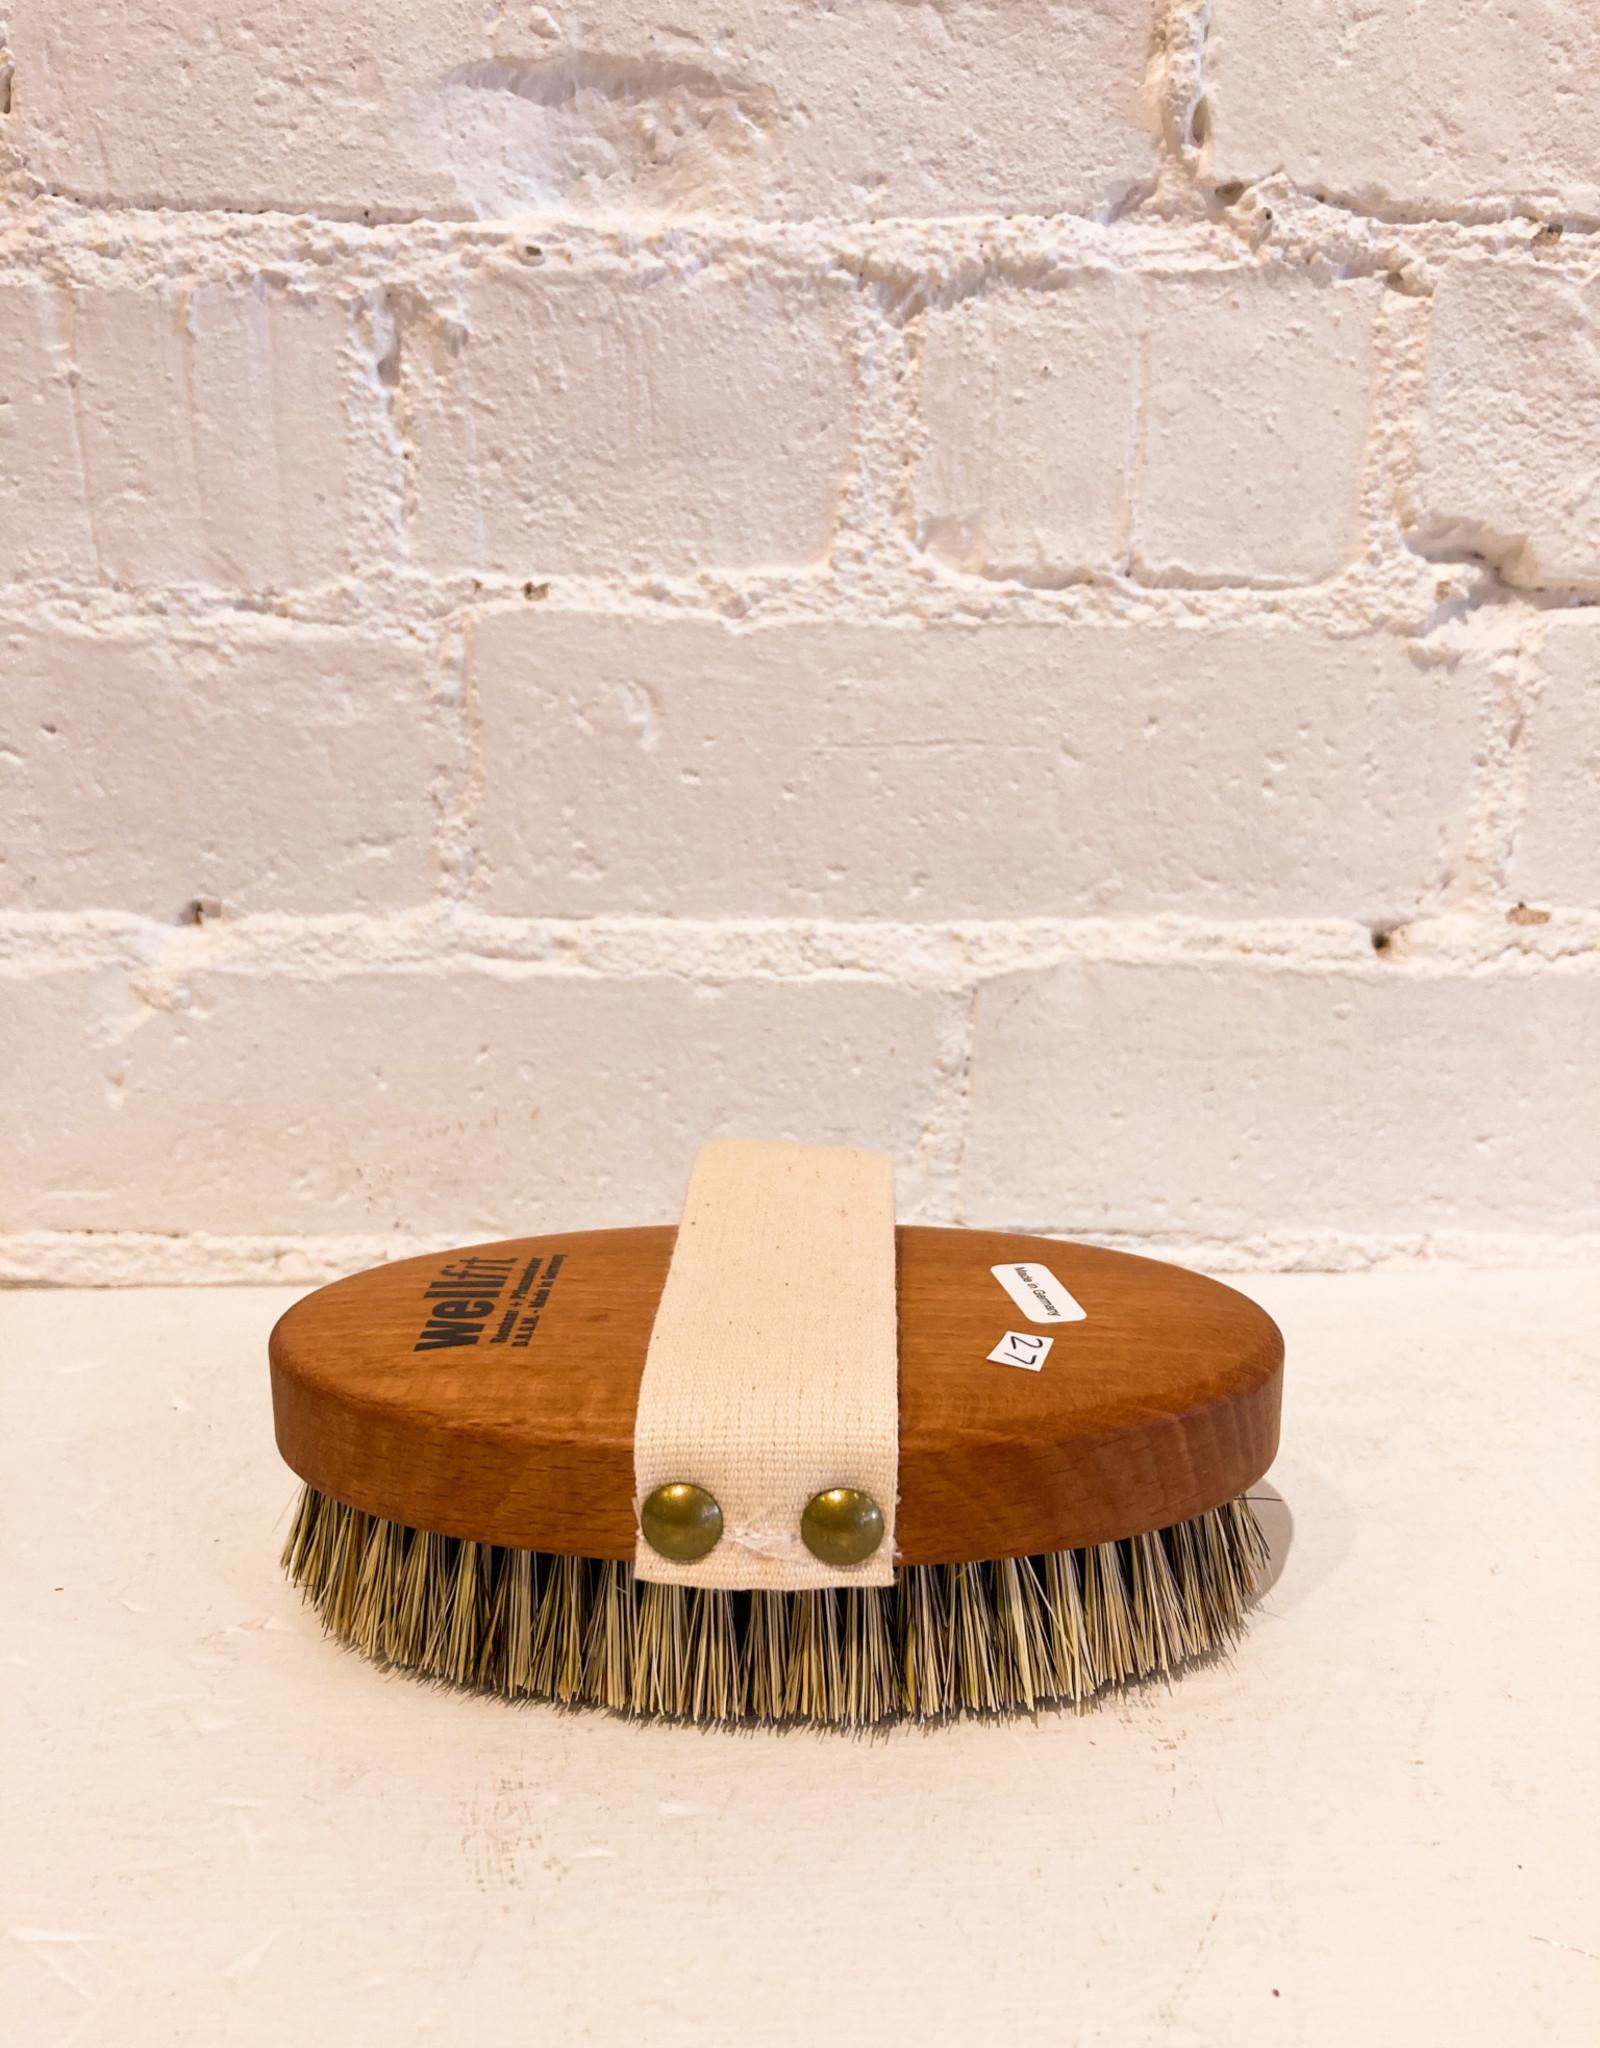 Redecker Wellfit Massage Brush